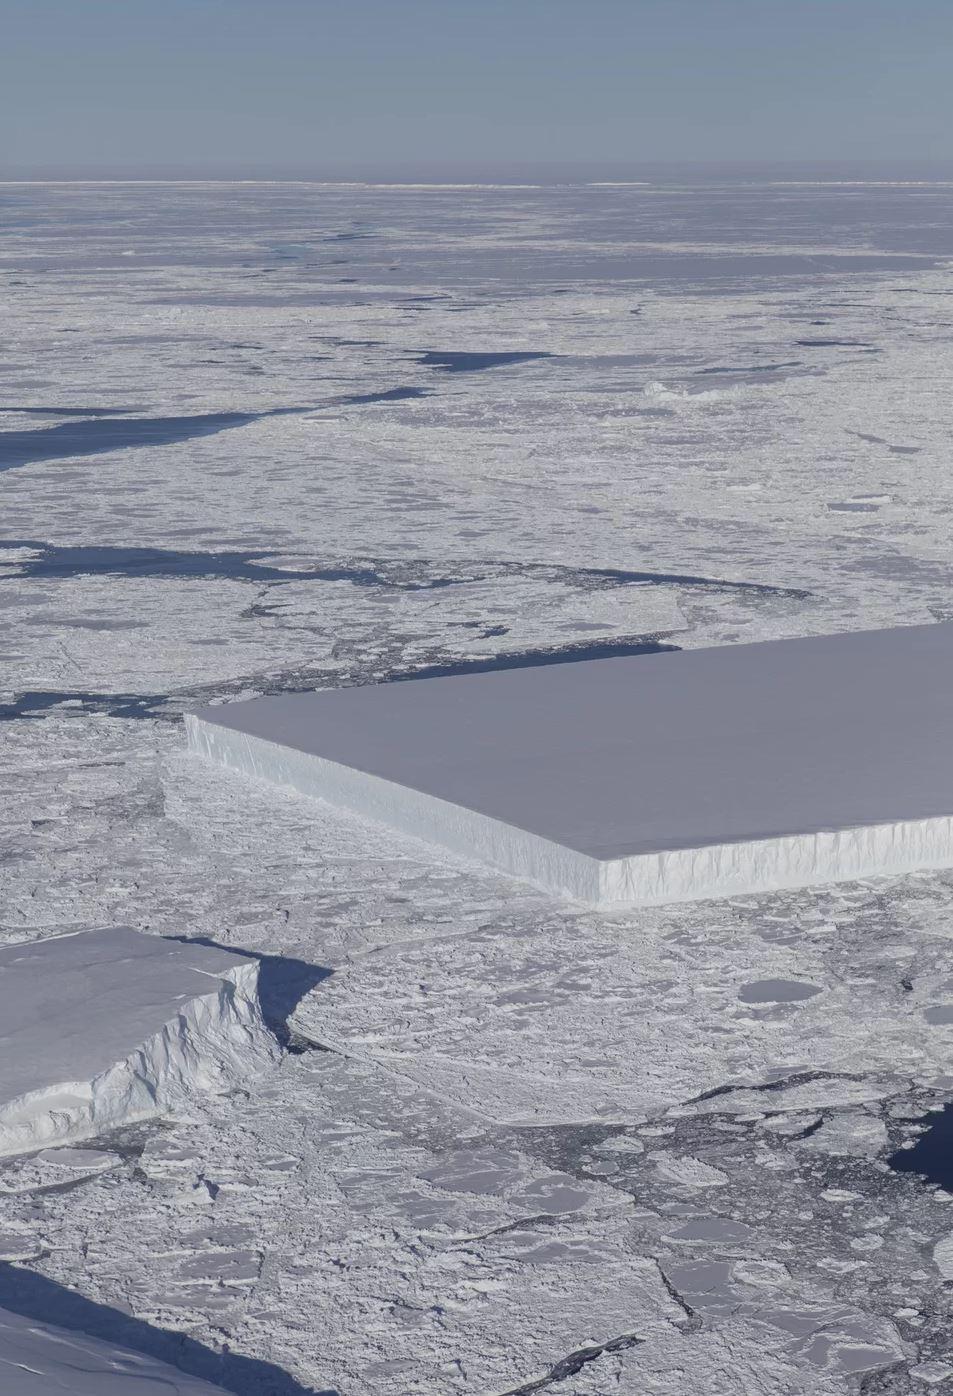 El iceberg rectangular captado por la operación IceBridge de la NASA. Sus ángulos tan pronunciados serían prueba de que se desprendió recientemente de la plataforma Larsen C (NASA/IceBridge)